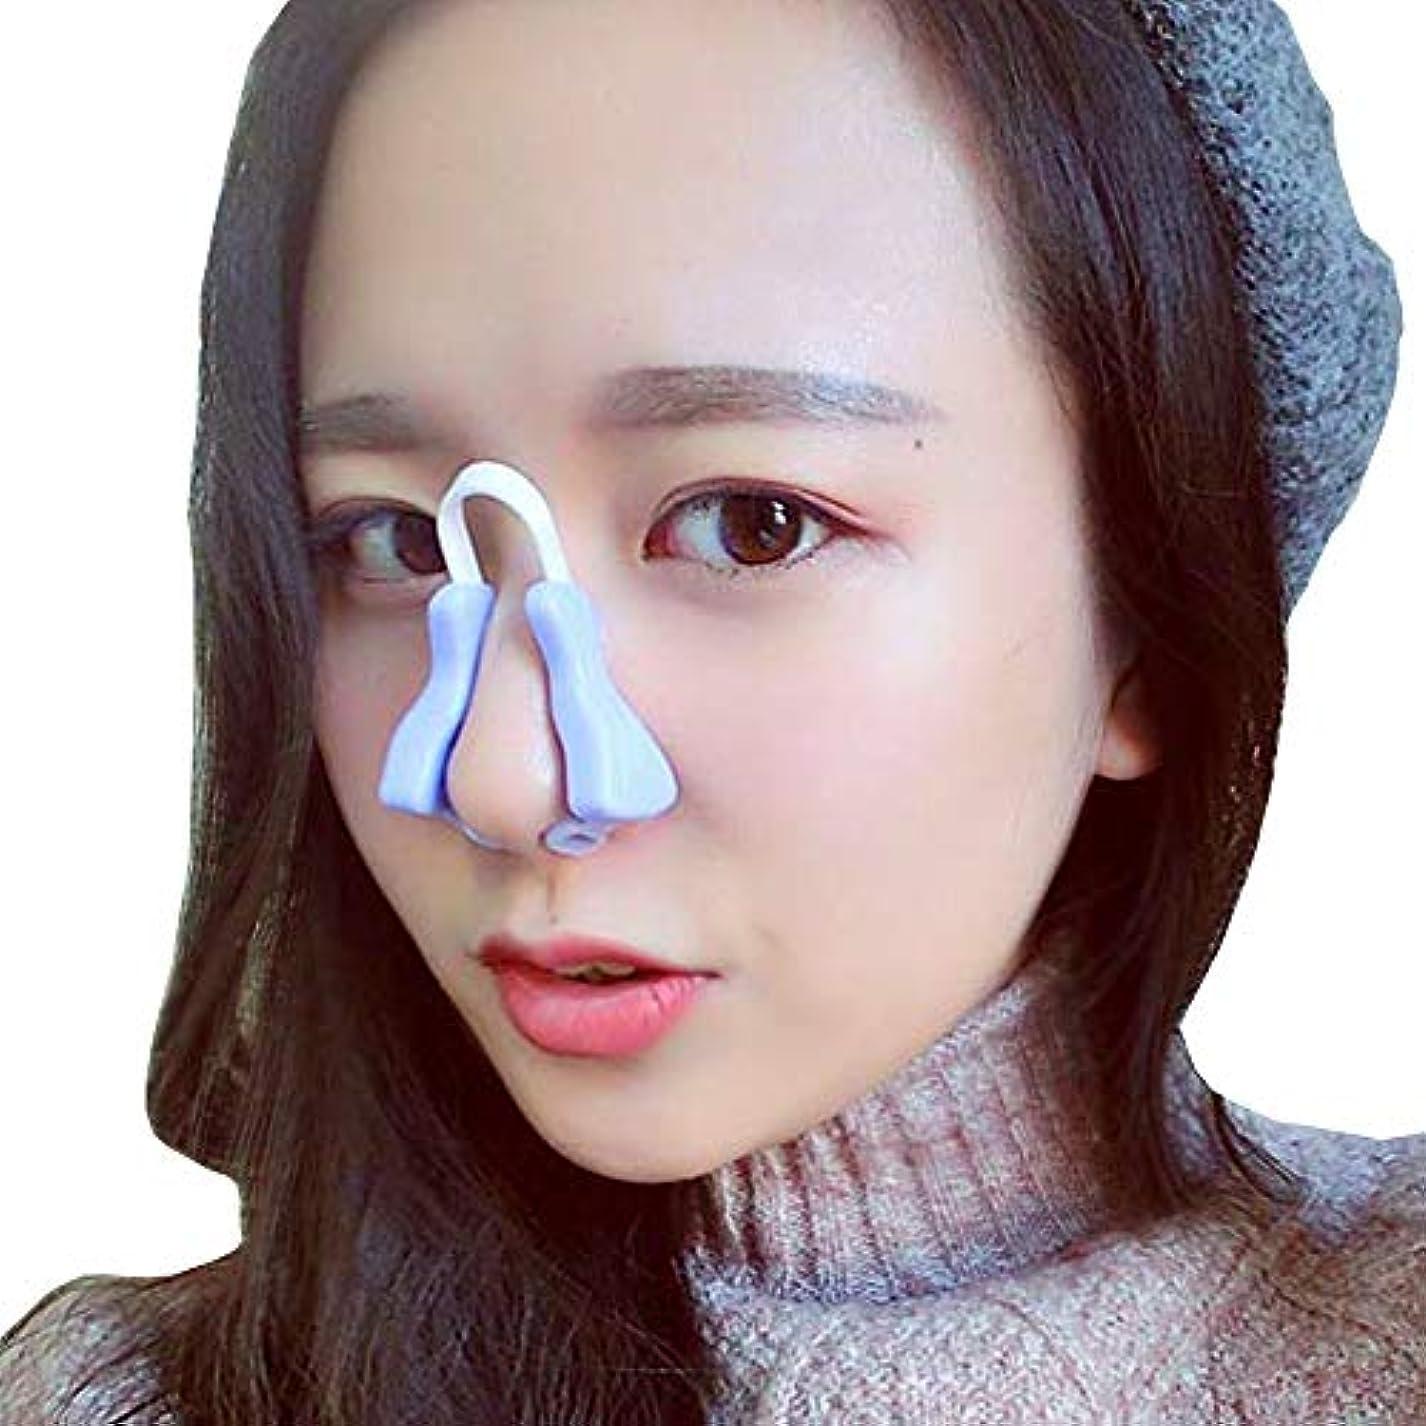 候補者アーサーコナンドイル空気YOE(ヨイ) ノーズアップ 鼻プチ 鼻筋ビューティー ノーズクリップ 美鼻でナイト プチ整形 鼻 矯正 ノーズピン (フリーサイズ, パープル)